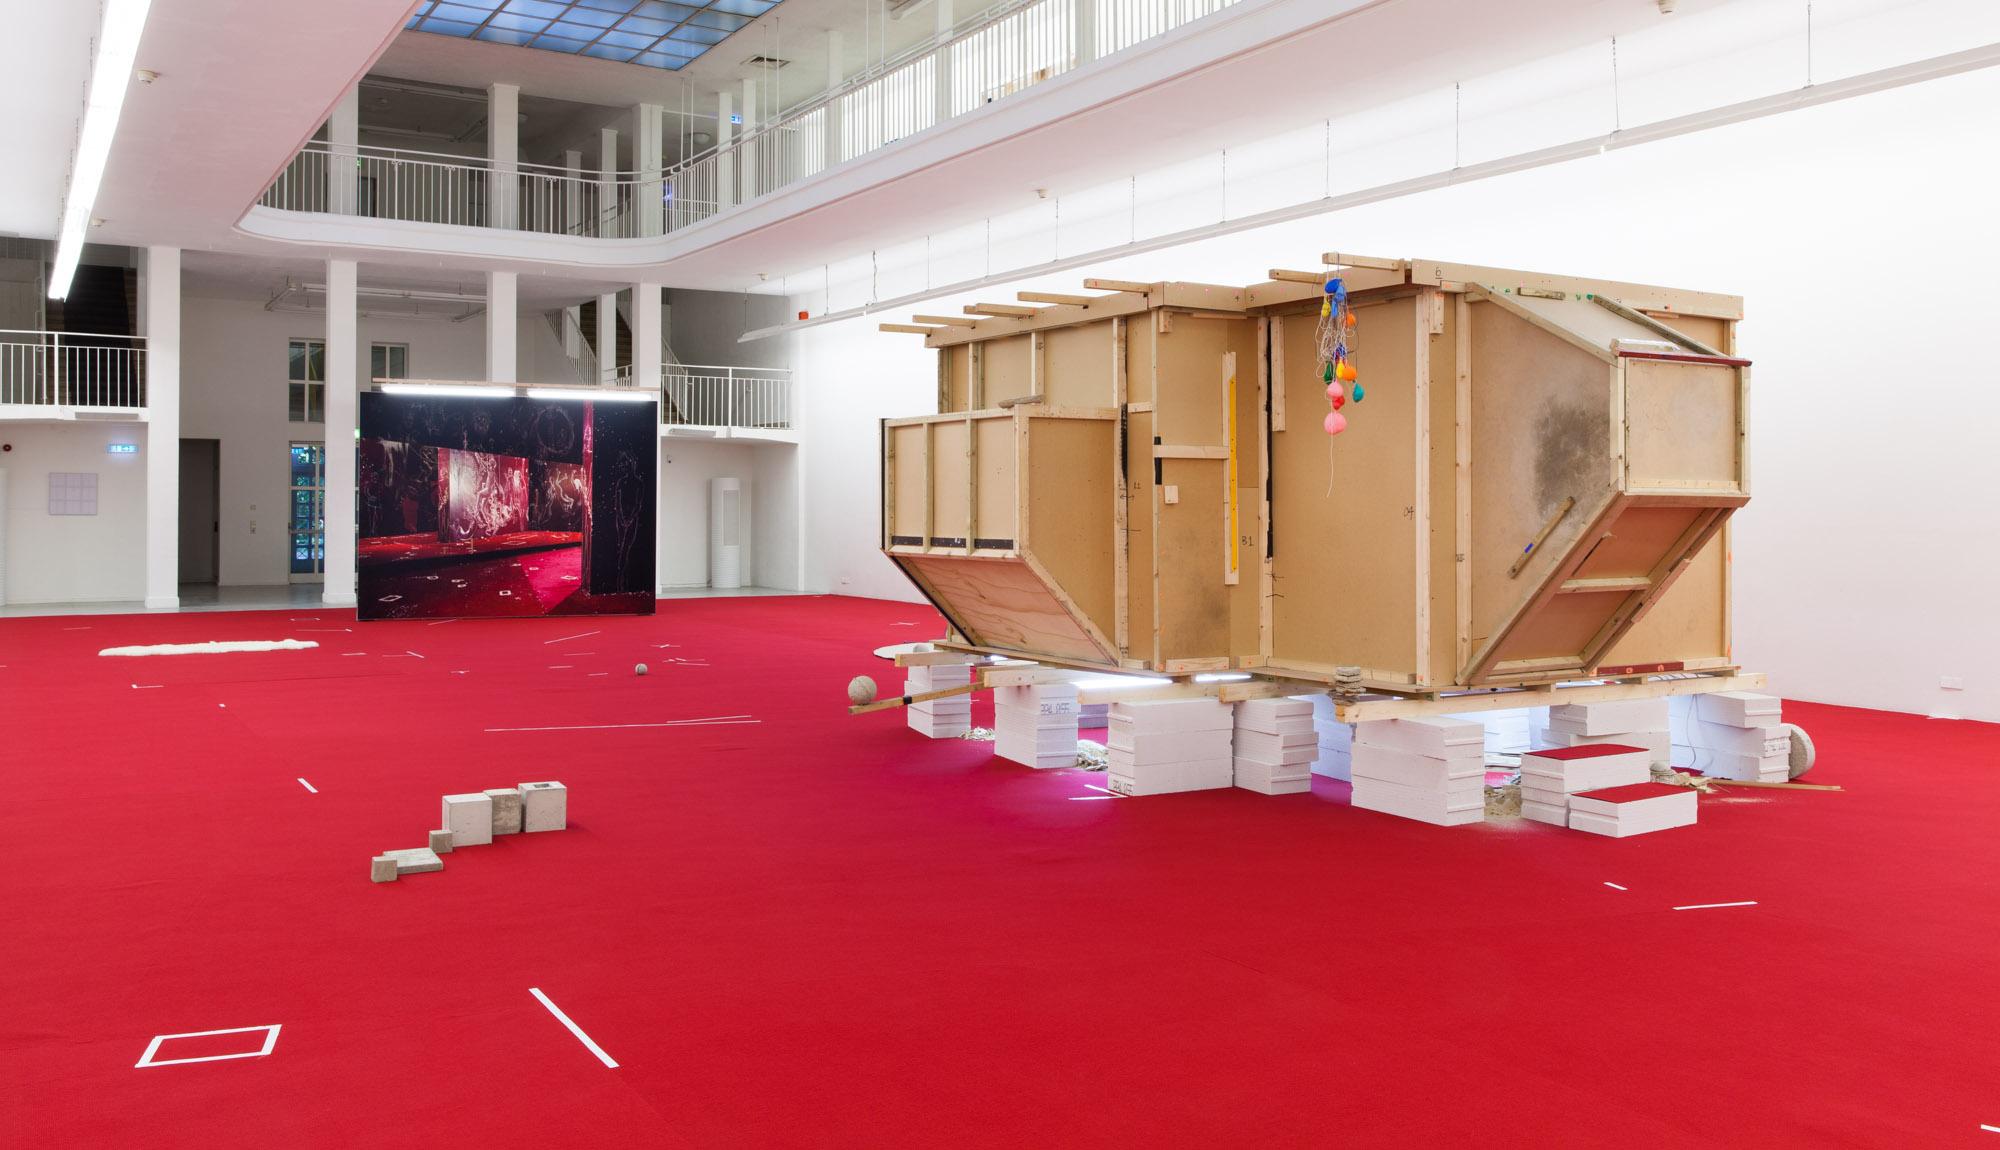 Anne Hardy Kunstverein Freiburg Installation view 2014